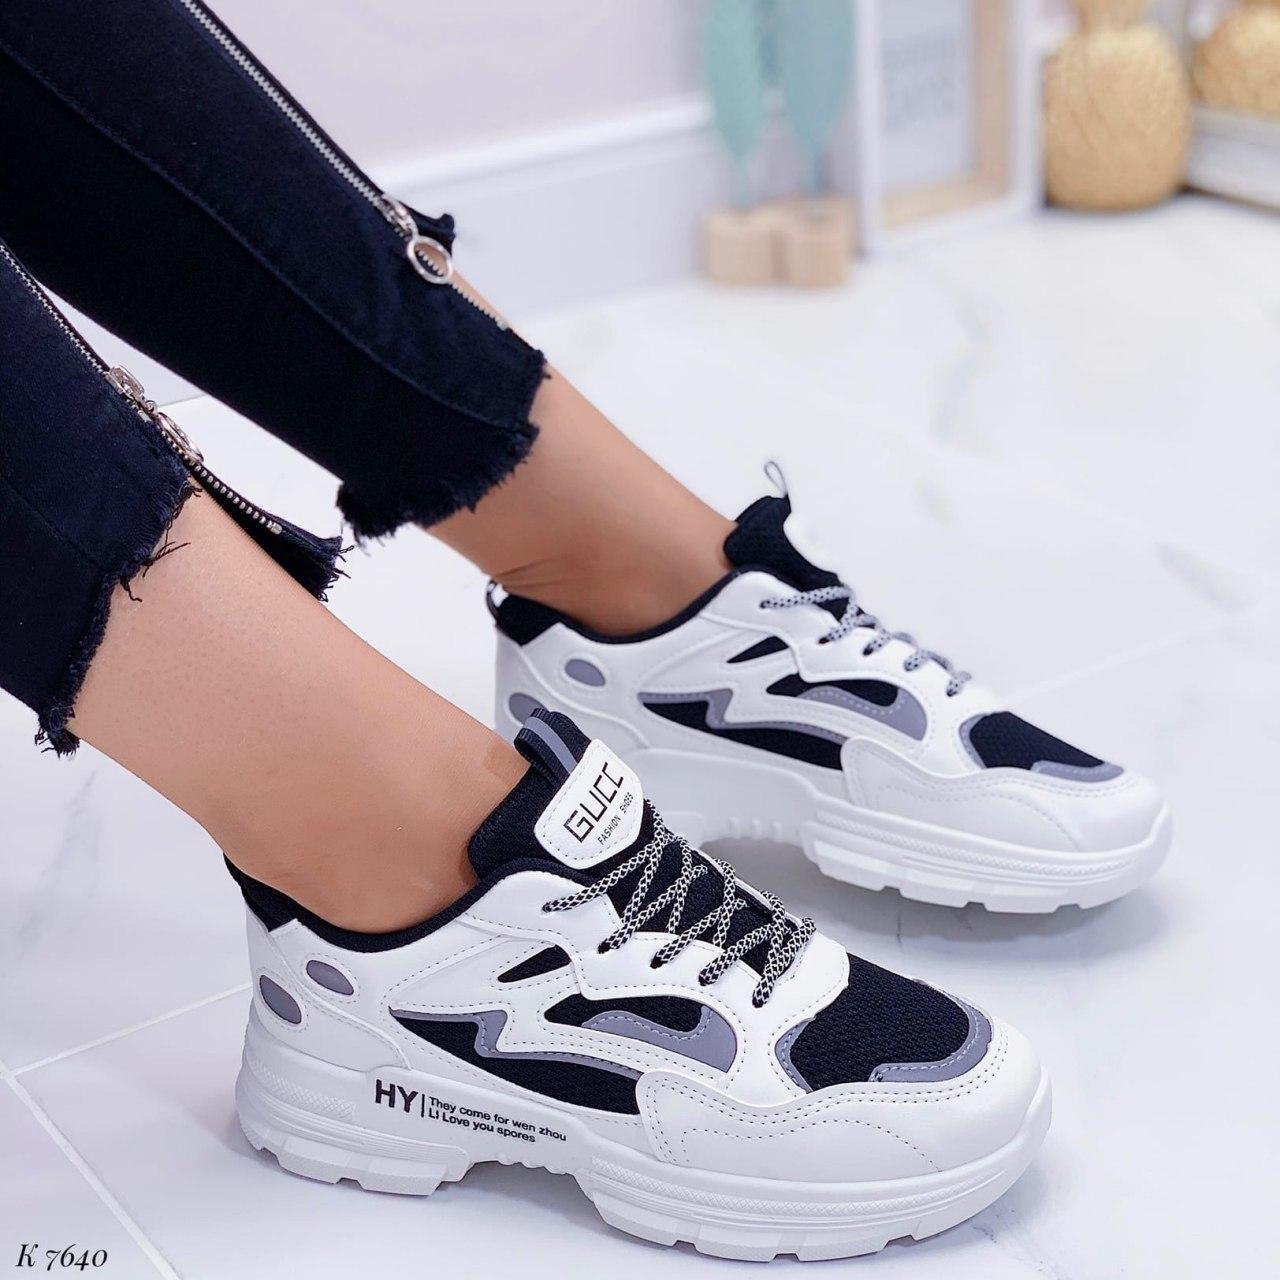 Кроссовки женские белые + черные из эко кожи. Кросівки жіночі білі + чорні